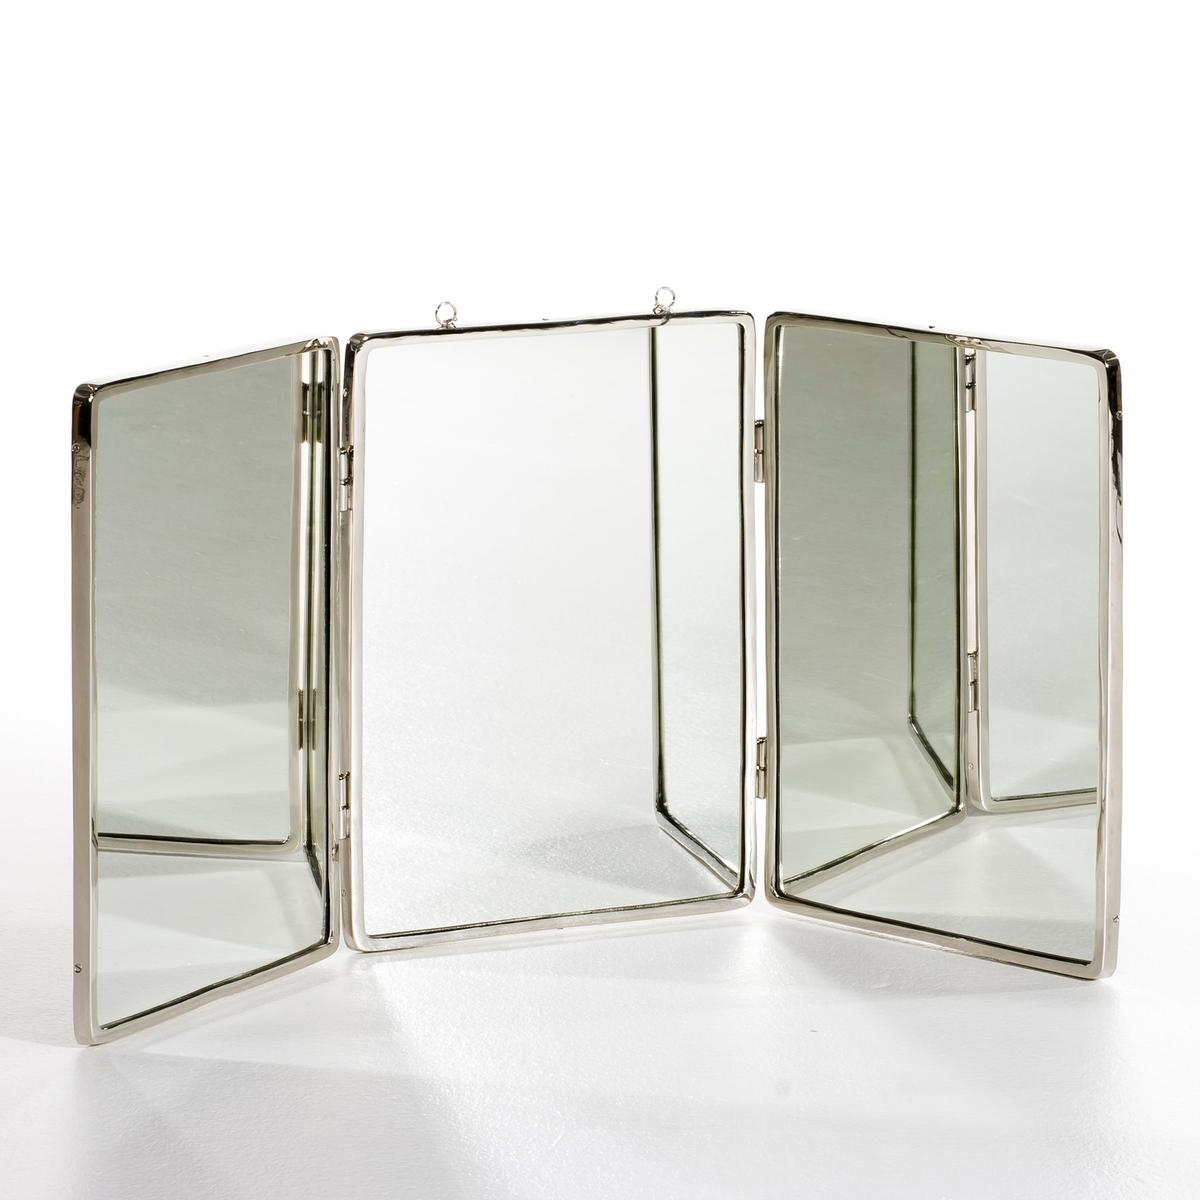 Зеркало La Redoute Большая модель Д1125 x В5125 см Barbier единый размер другие зеркало la redoute прямоугольное большой размер д x в см barbier единый размер другие